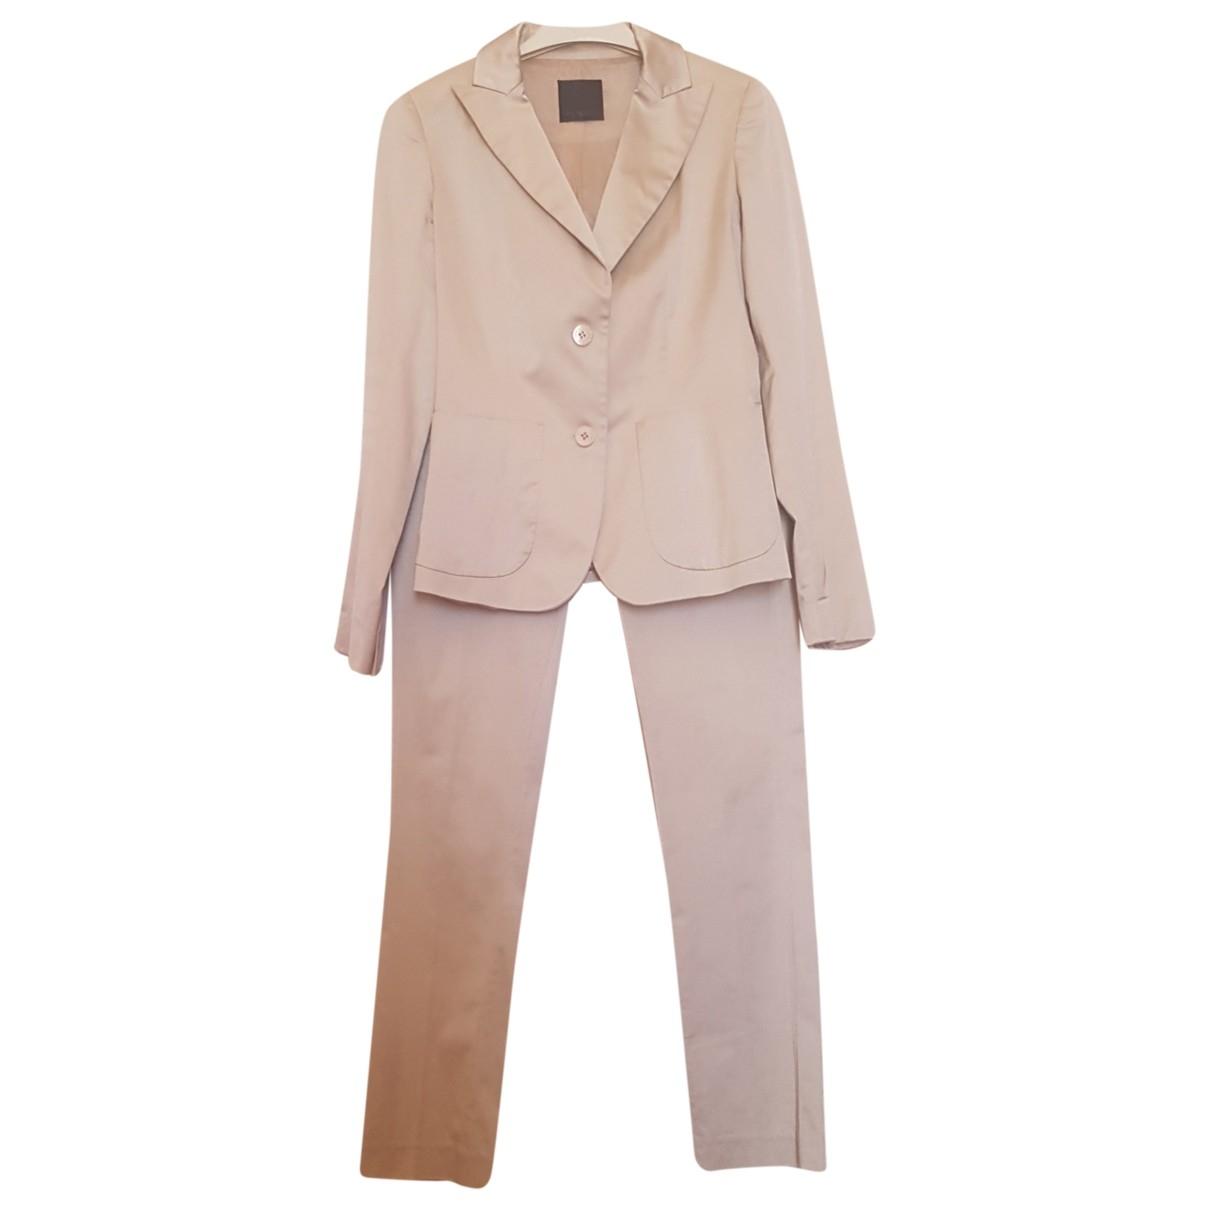 Pinko \N Beige jacket for Women XS International